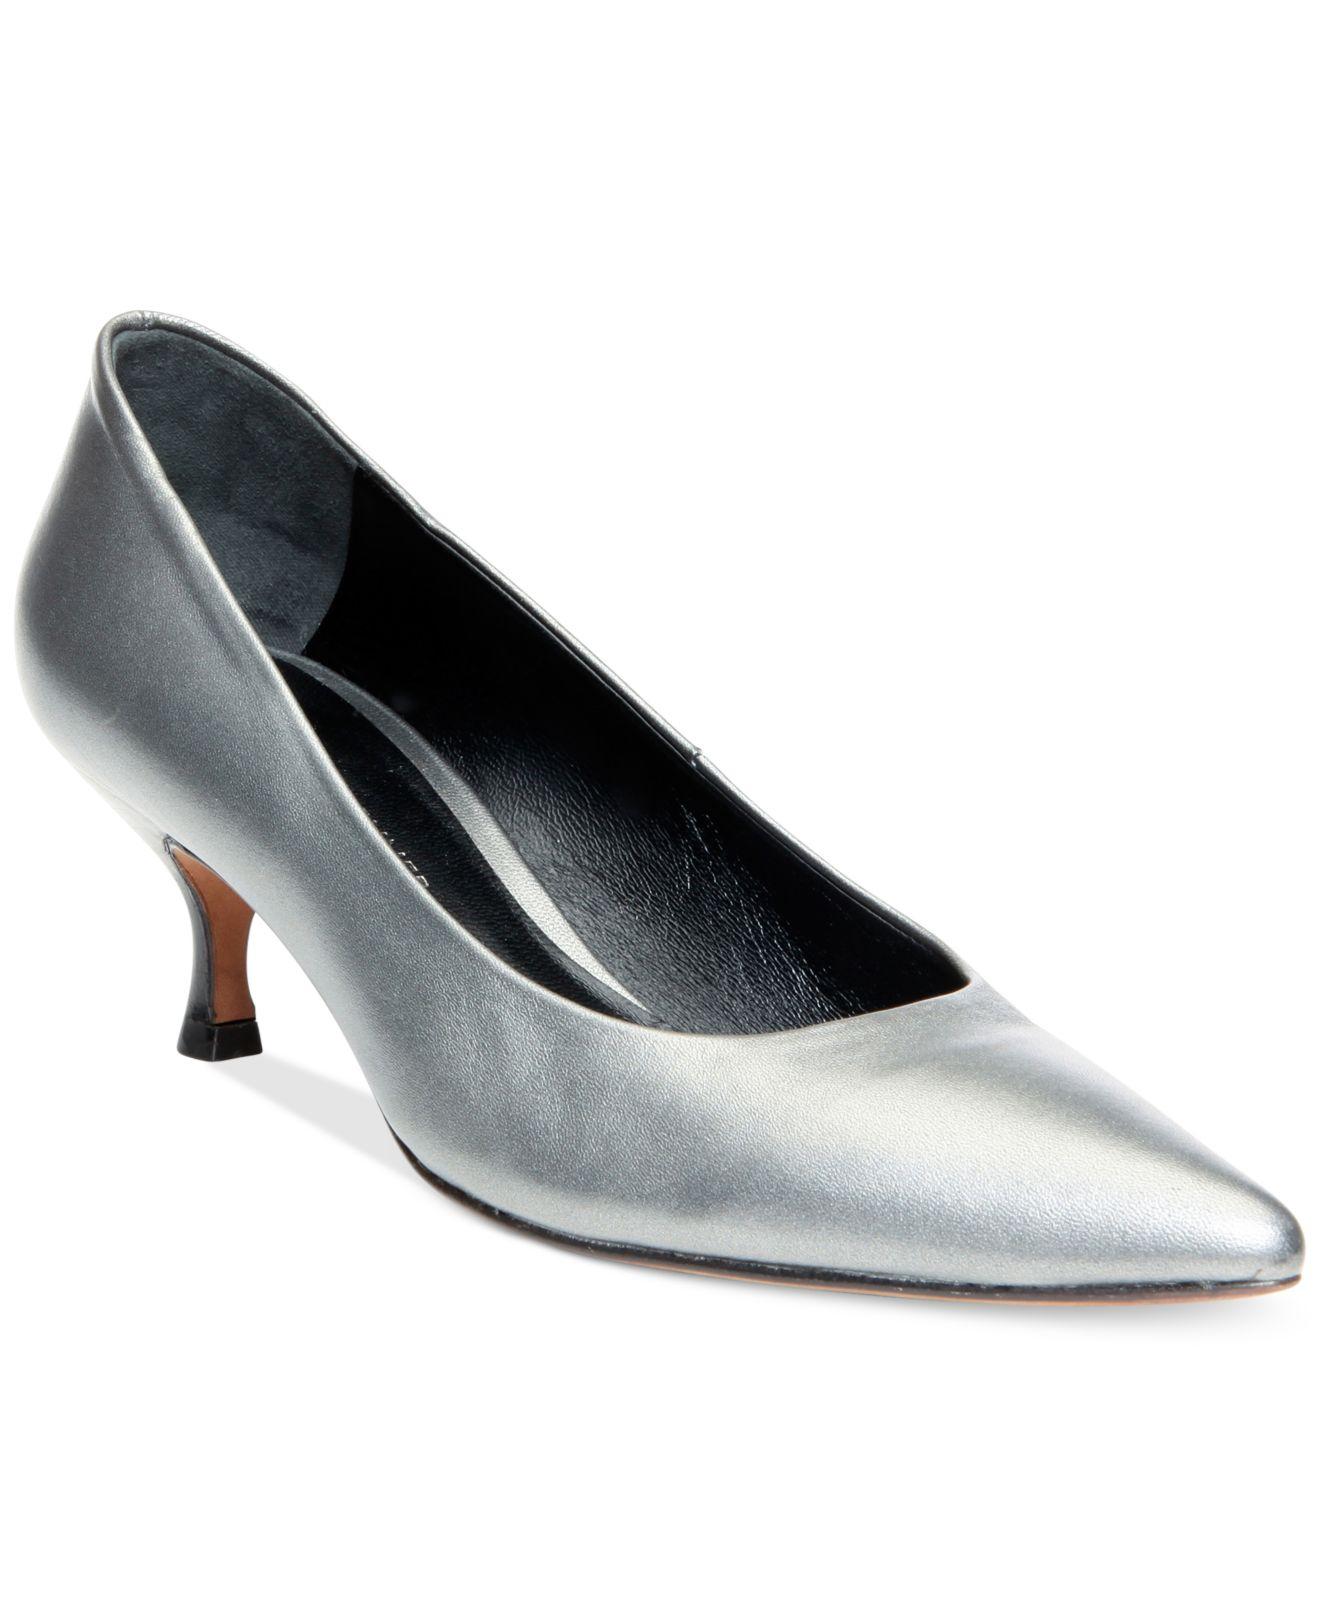 Silver Peep Toe Kitten Heel Shoes